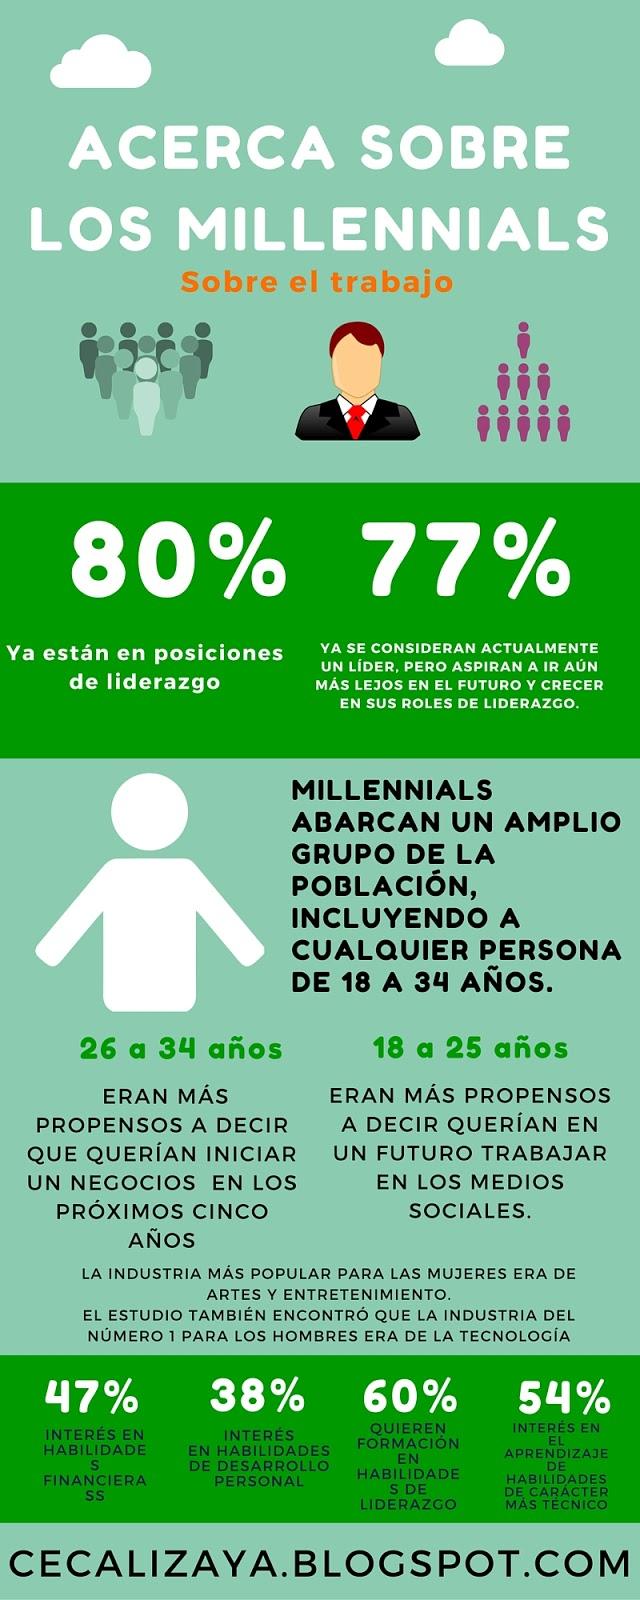 millennials-sobre-el-trabajo-infografia.jpg